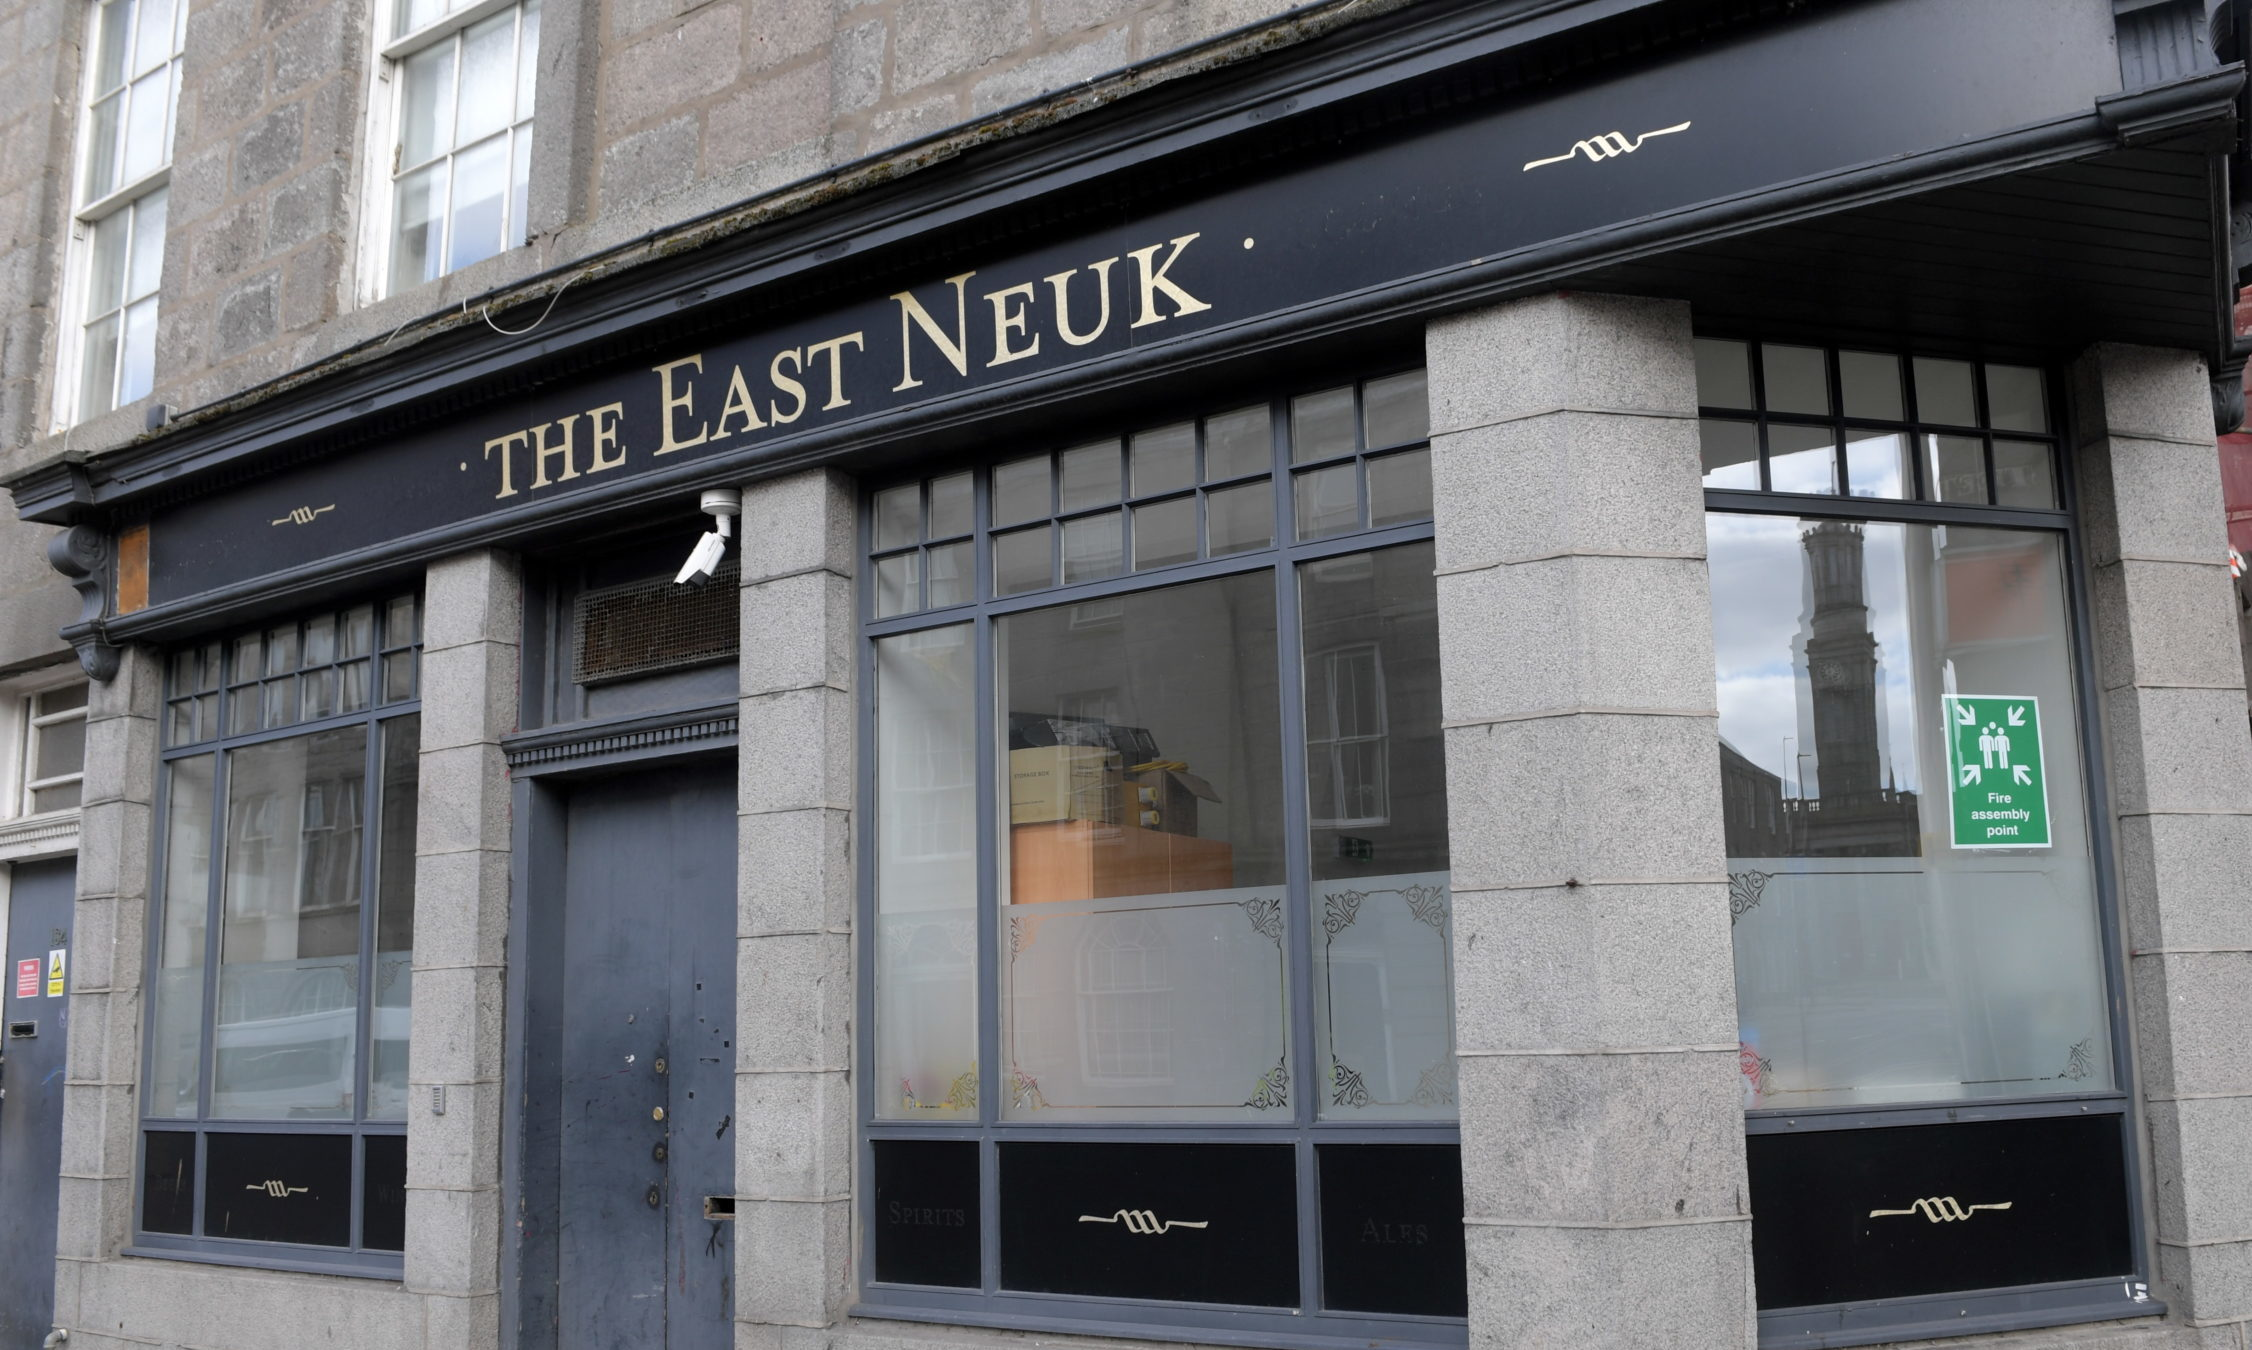 The East Neuk, King Street.